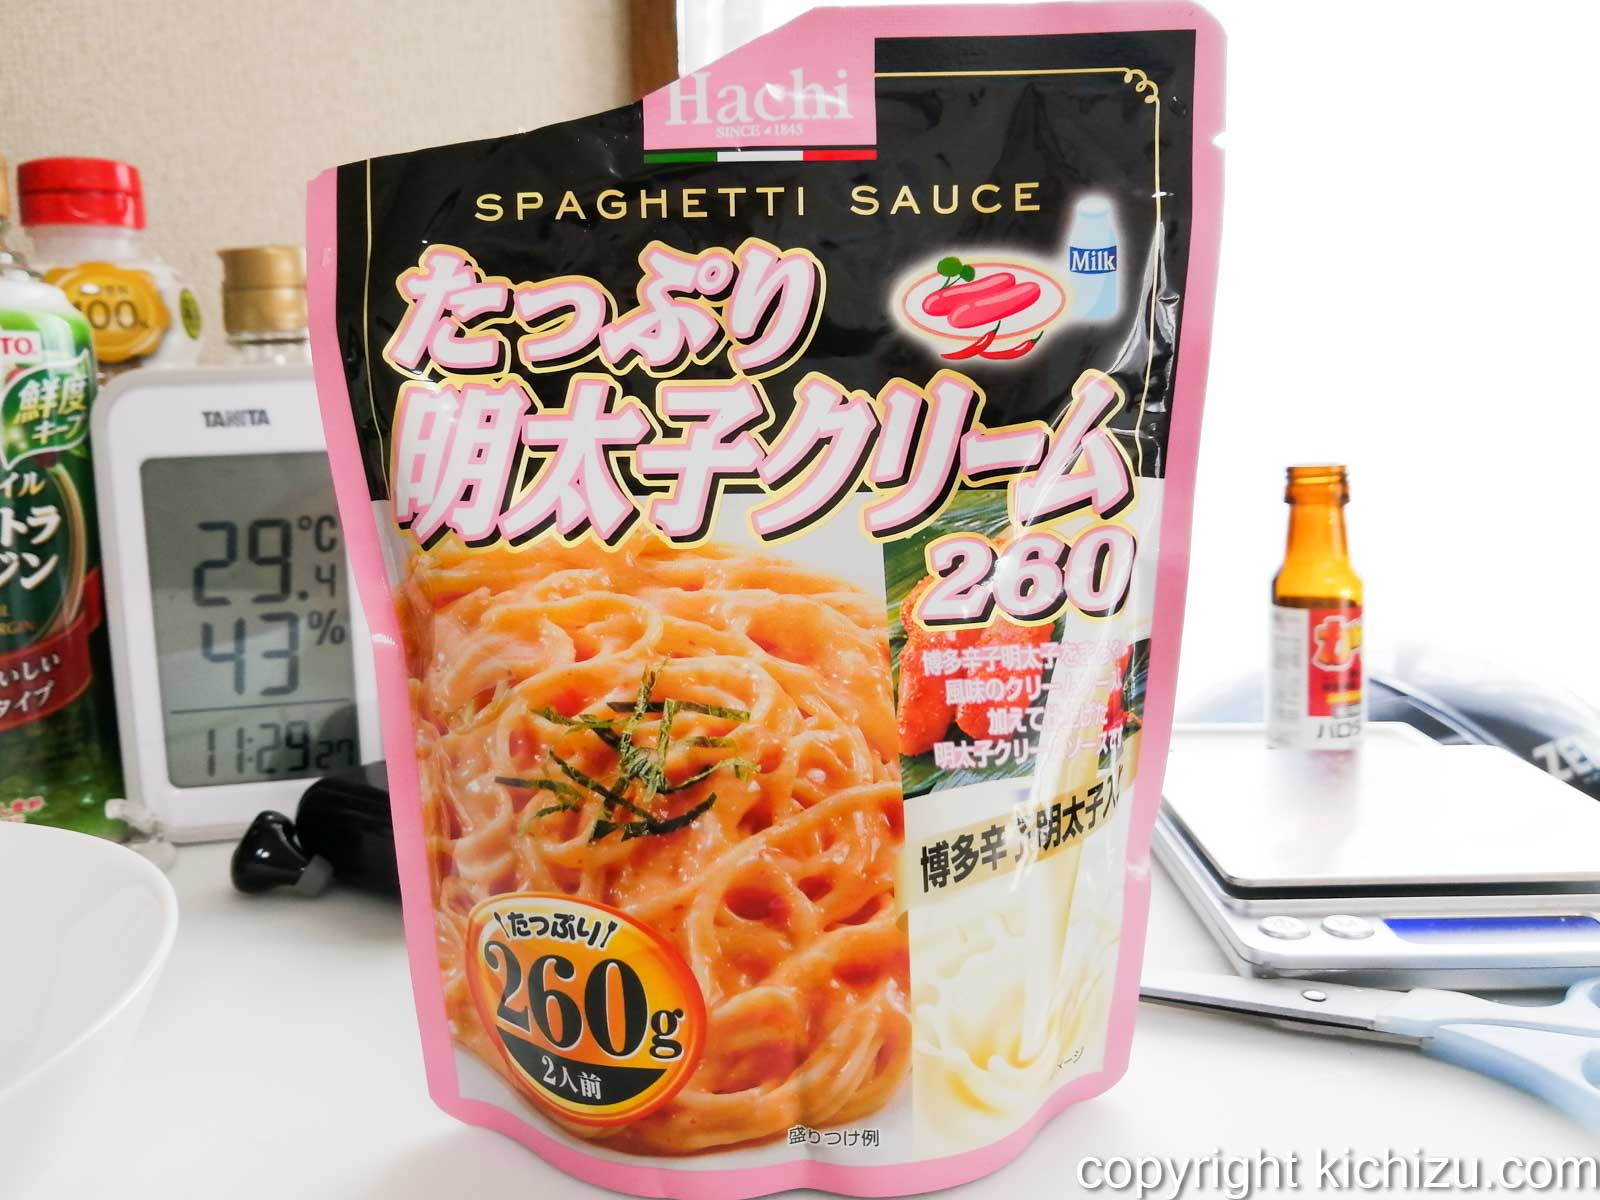 hachi パスタソース たっぷり明太子クリーム260